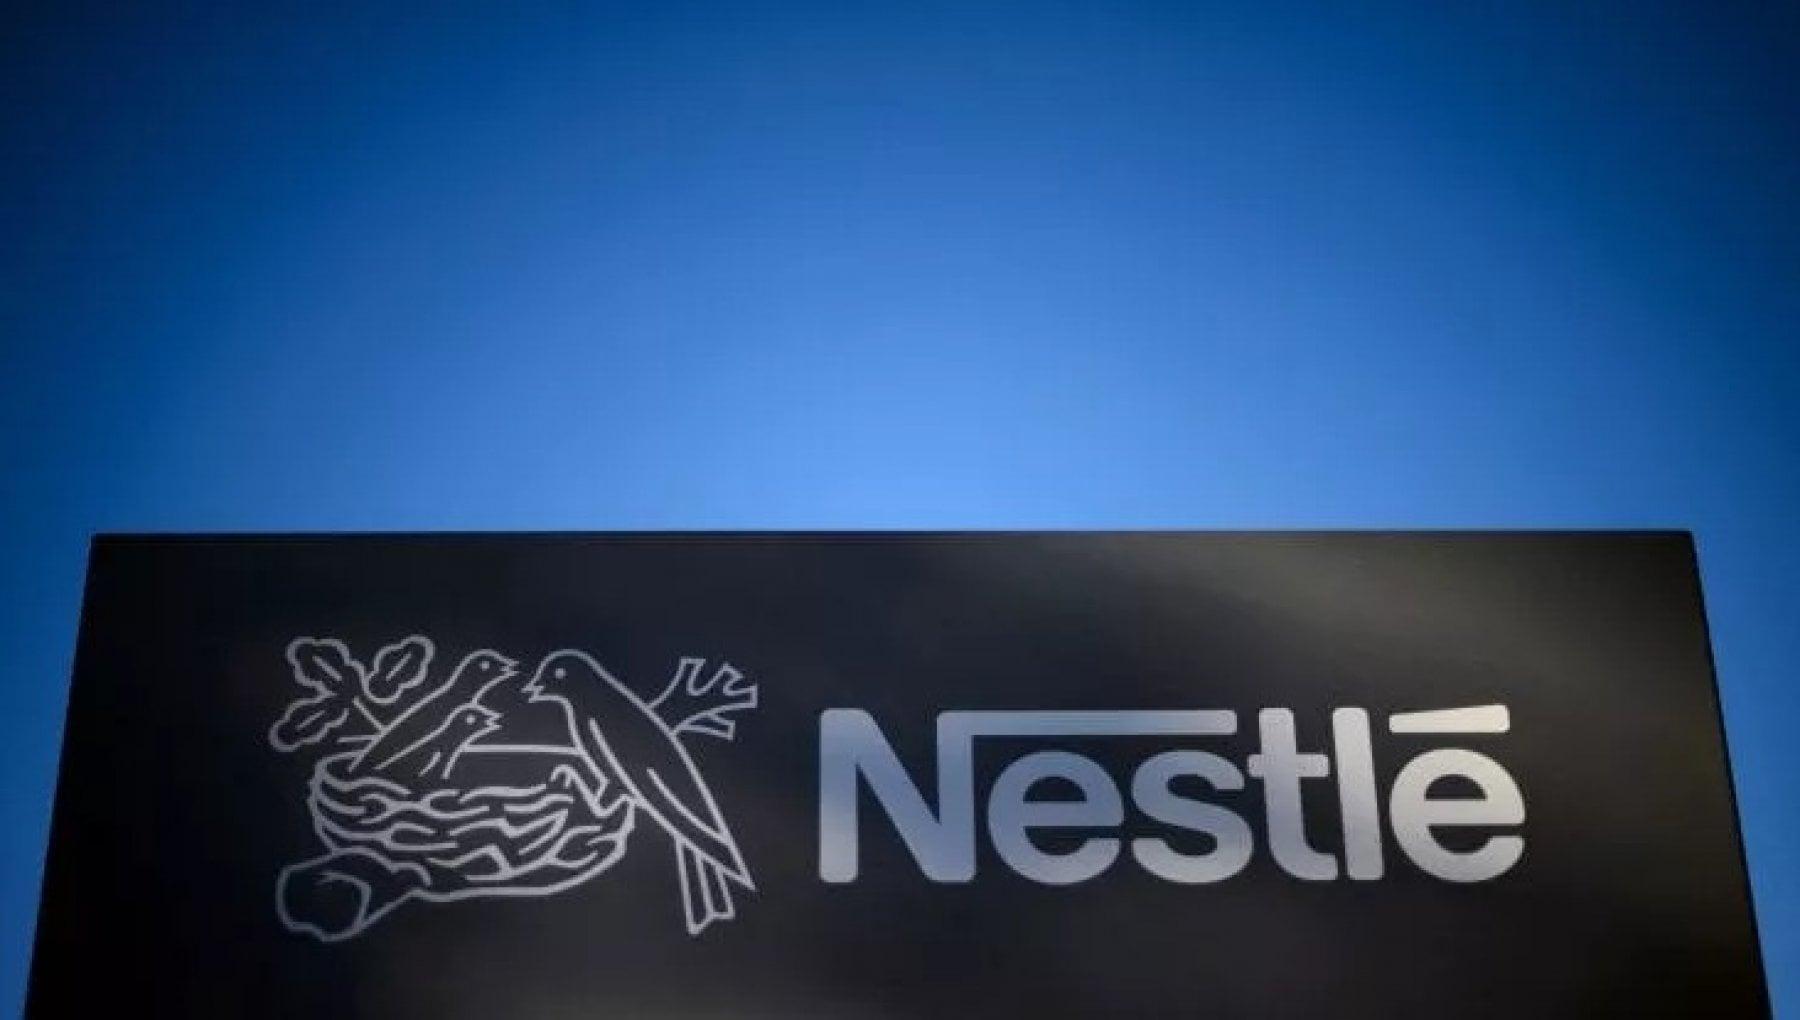 """164956476 63941d7a de24 45bd aaab 695f4e236859 - Nestlé, rivelato documento segreto: """"Il 60 per cento dei nostri prodotti non è sano"""""""